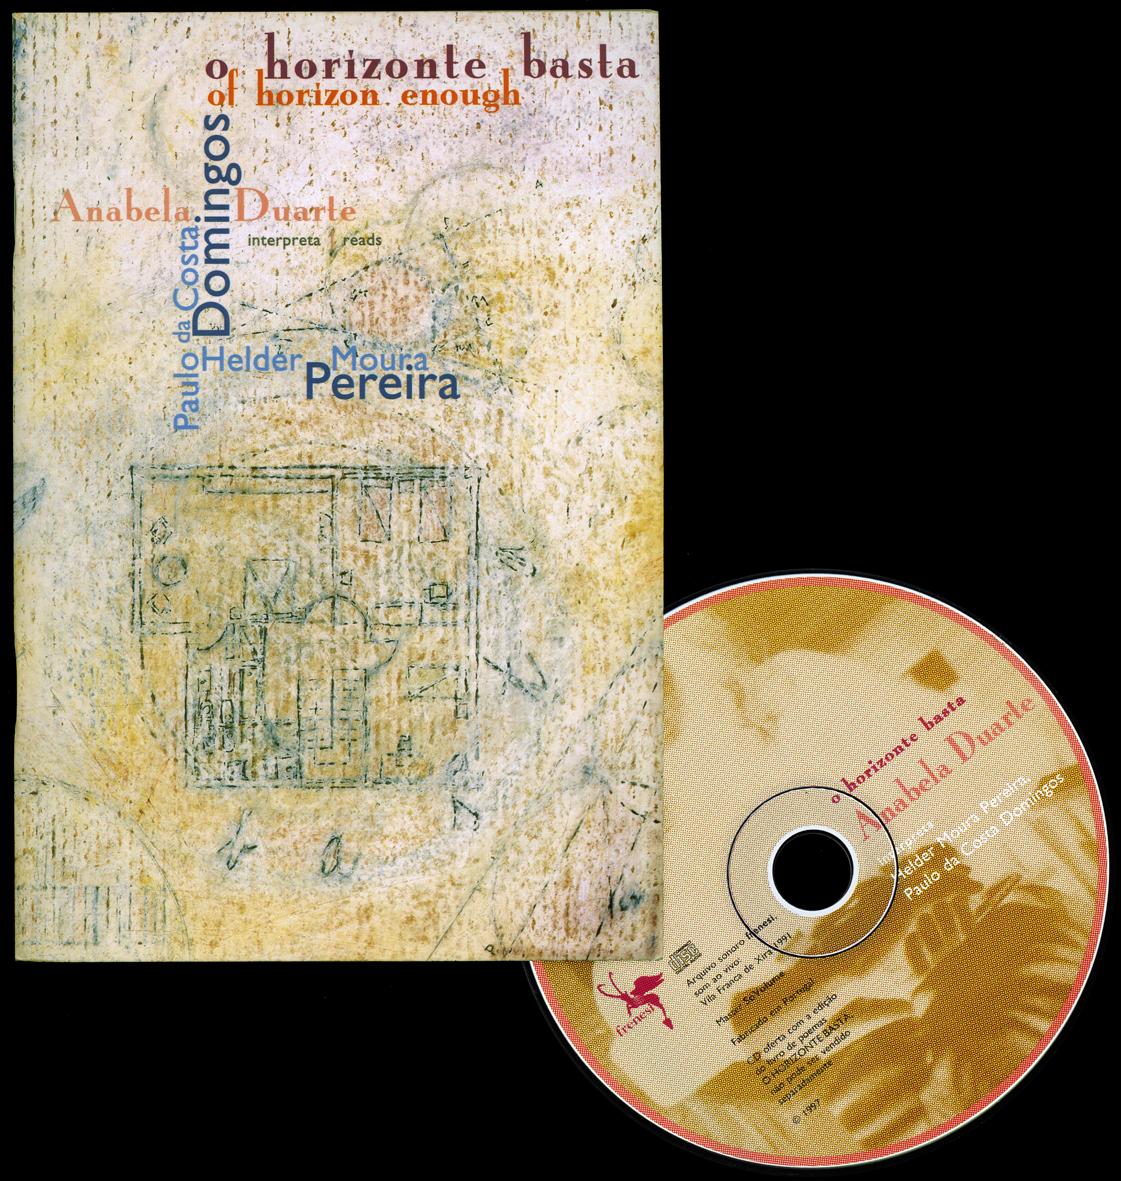 O Horizonte Basta / Of Horizon Enough